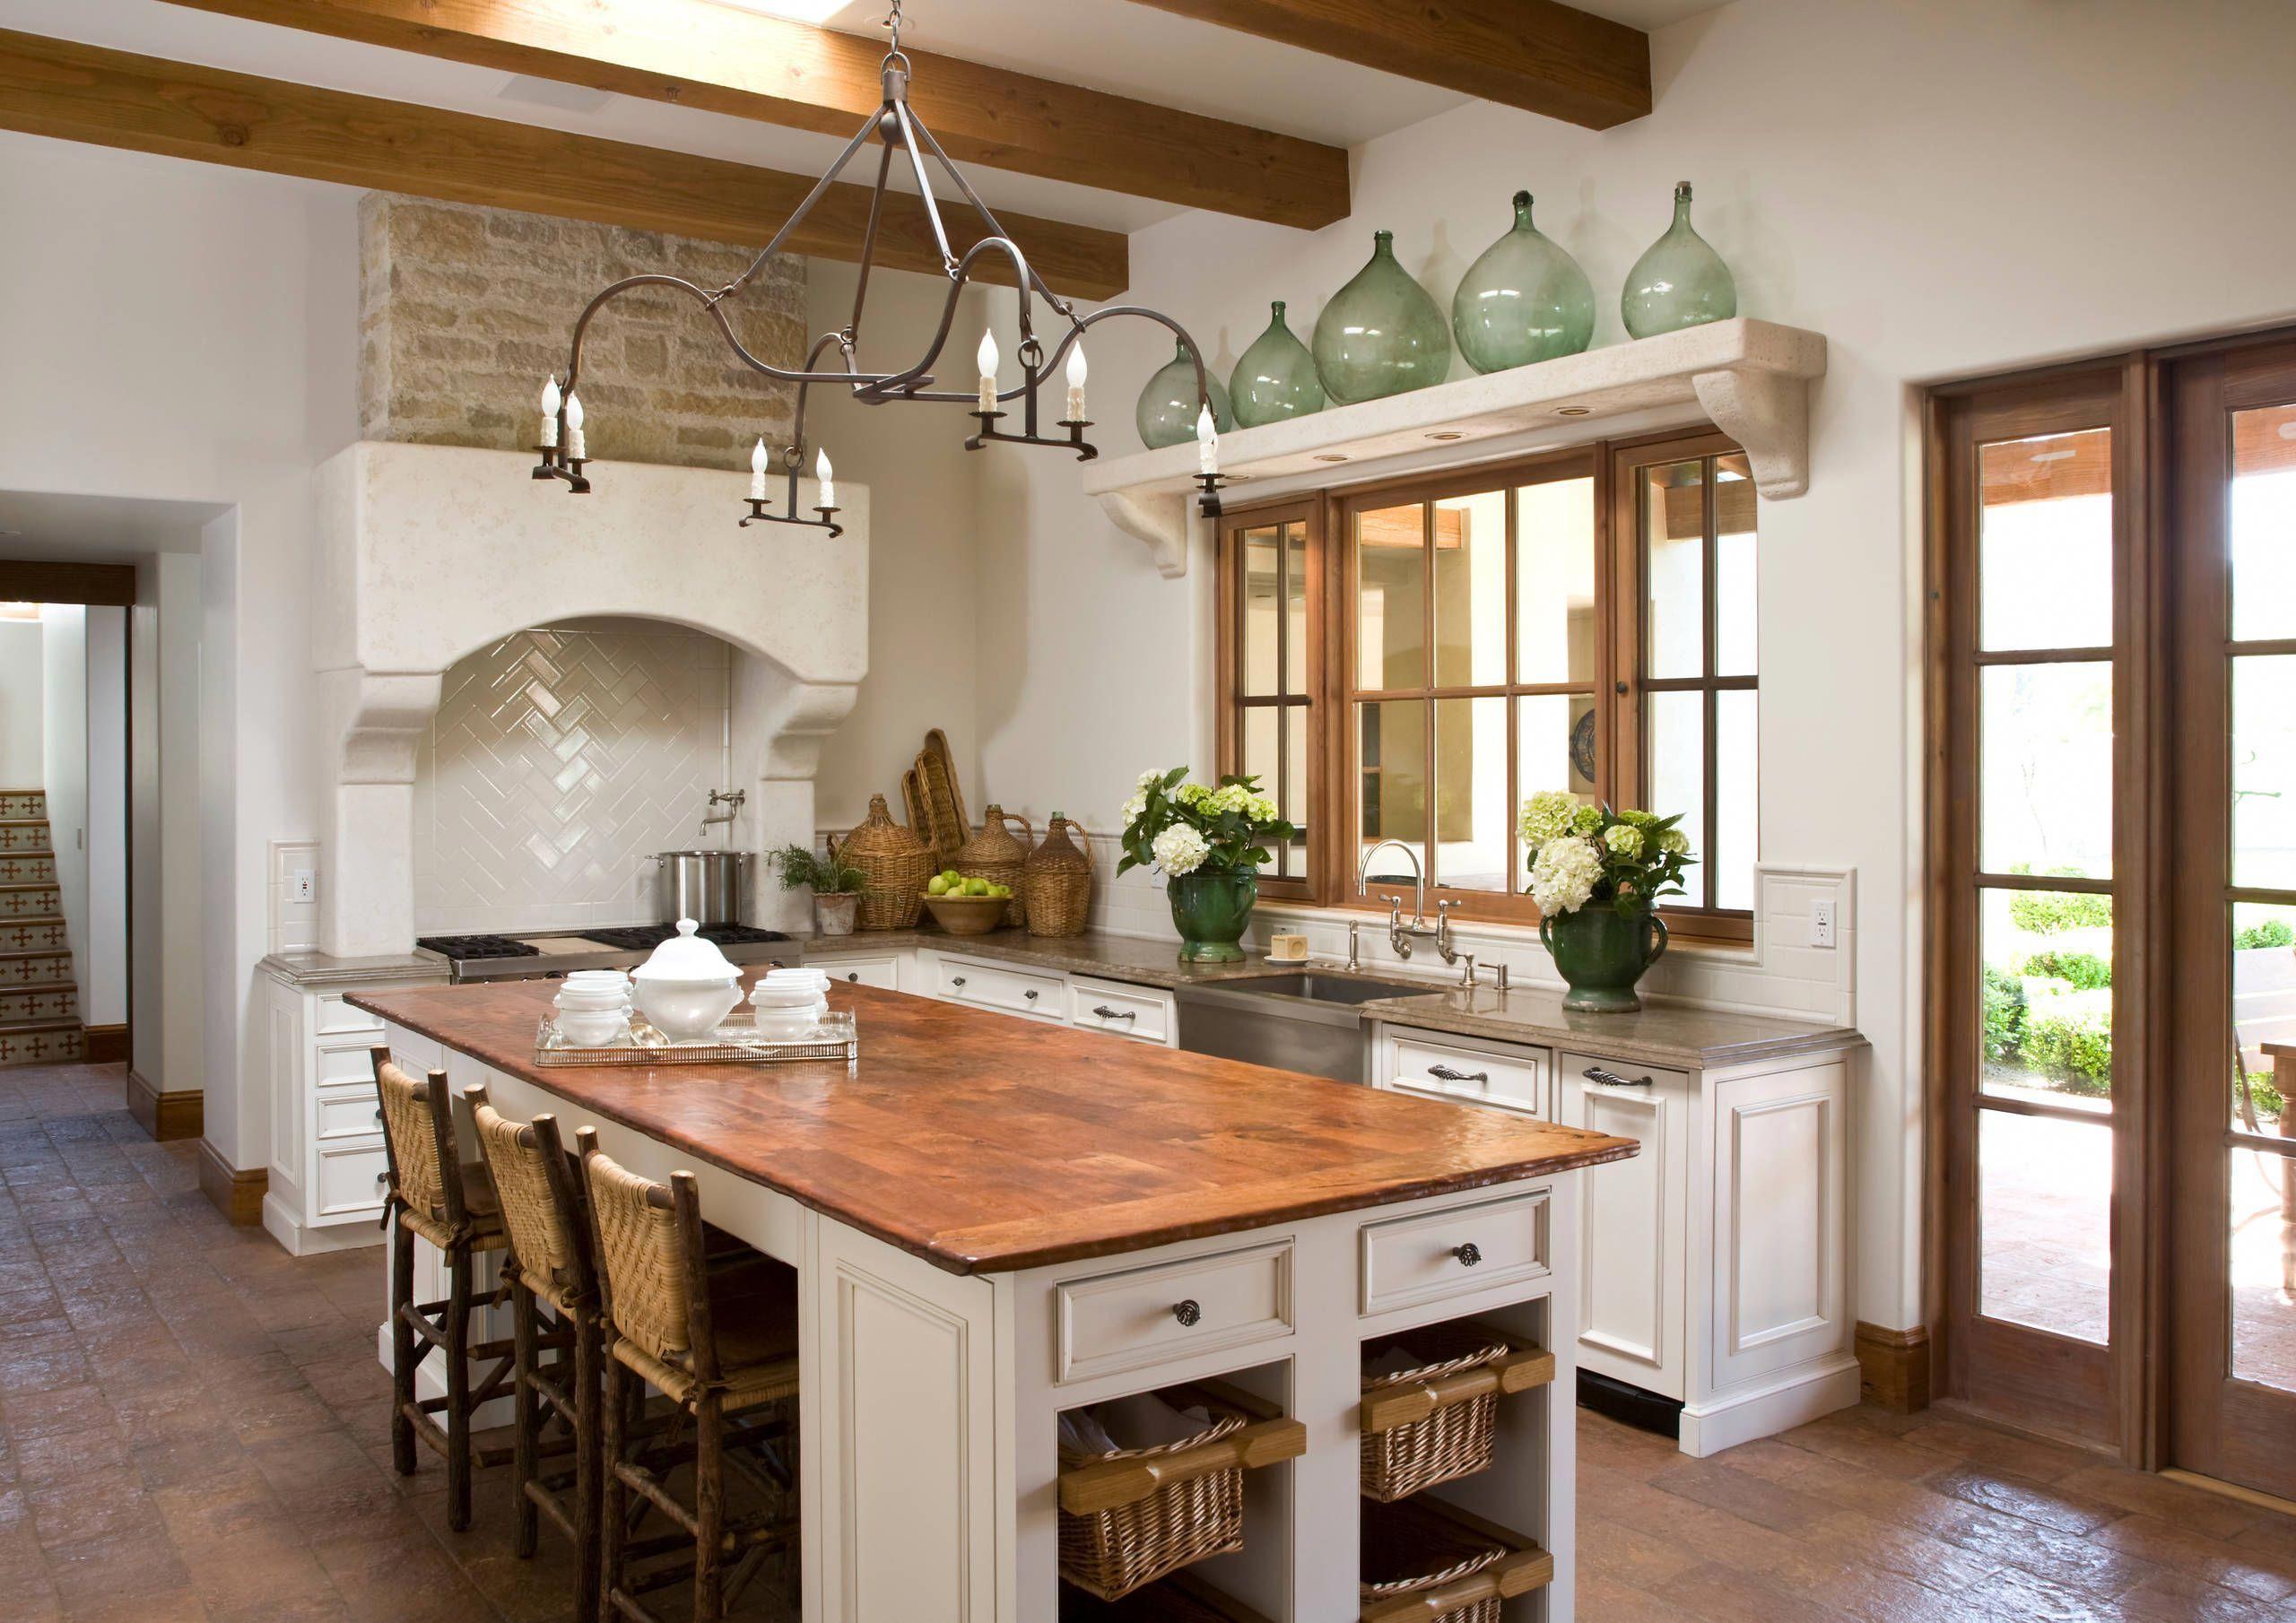 27 Southwest Kitchen Designs And Ideas Countrykitchenideas Kitchen Cabinet Styles Rustic Kitchen Kitchen Accessories Design